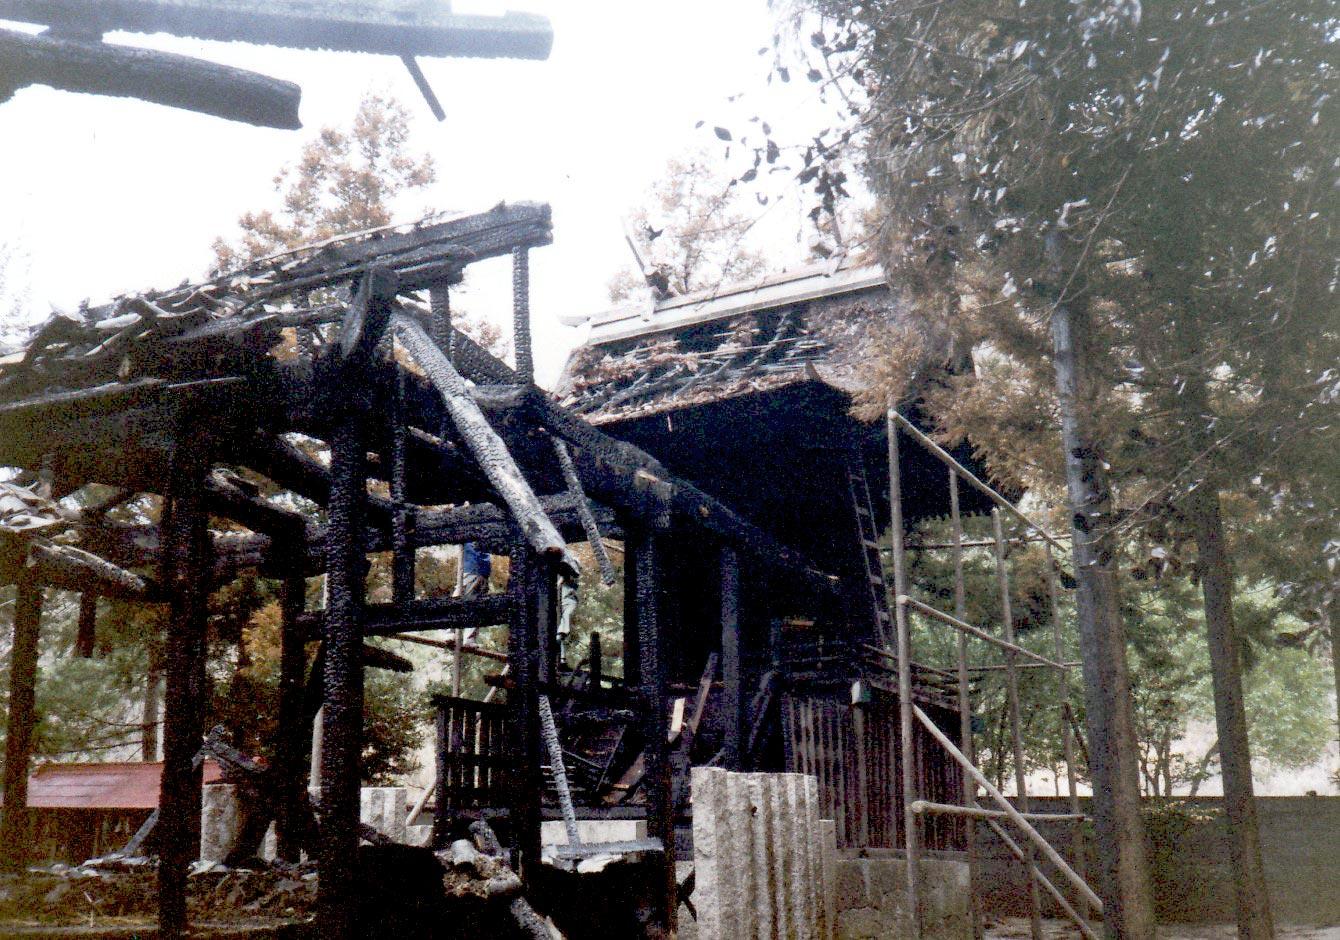 焼失した備前国総社宮の御正殿と拝殿の写真